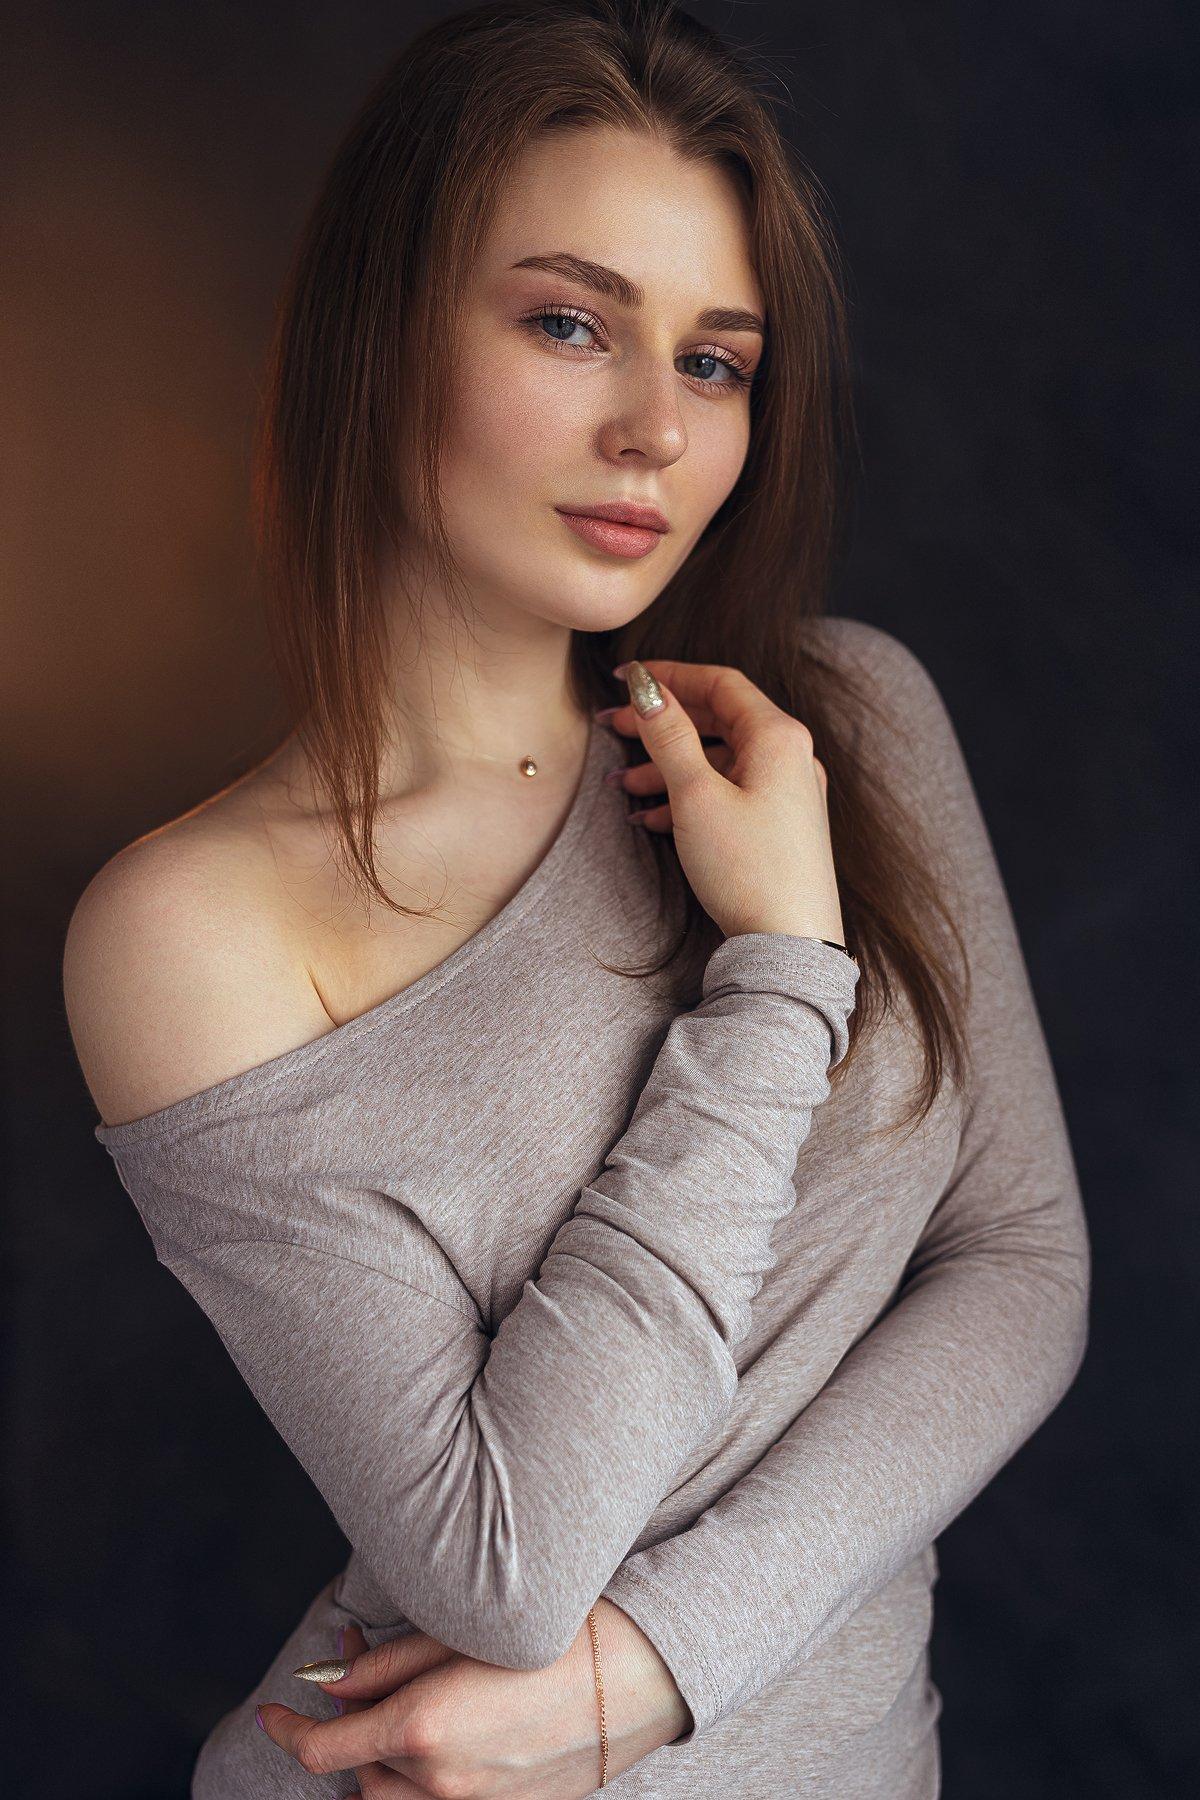 обработка, портрет, модель, арт, art, model, popular, девушка, красивая, глаза, классика, свет, Лосев Иван